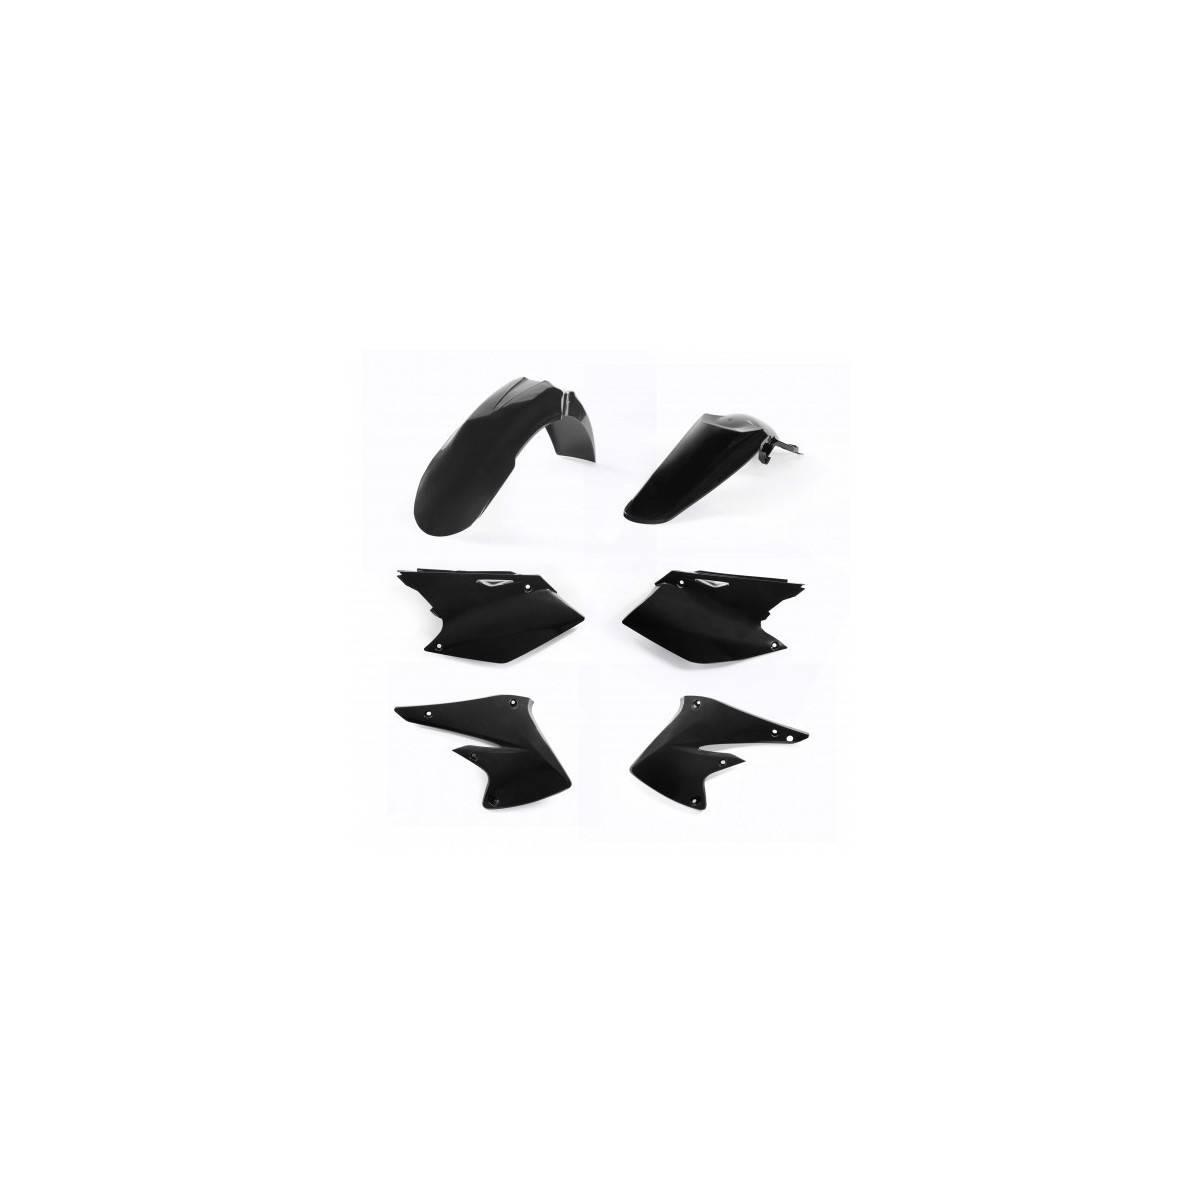 0009111-090 - Kit Plasticos Kxf 450 06 08 Negro